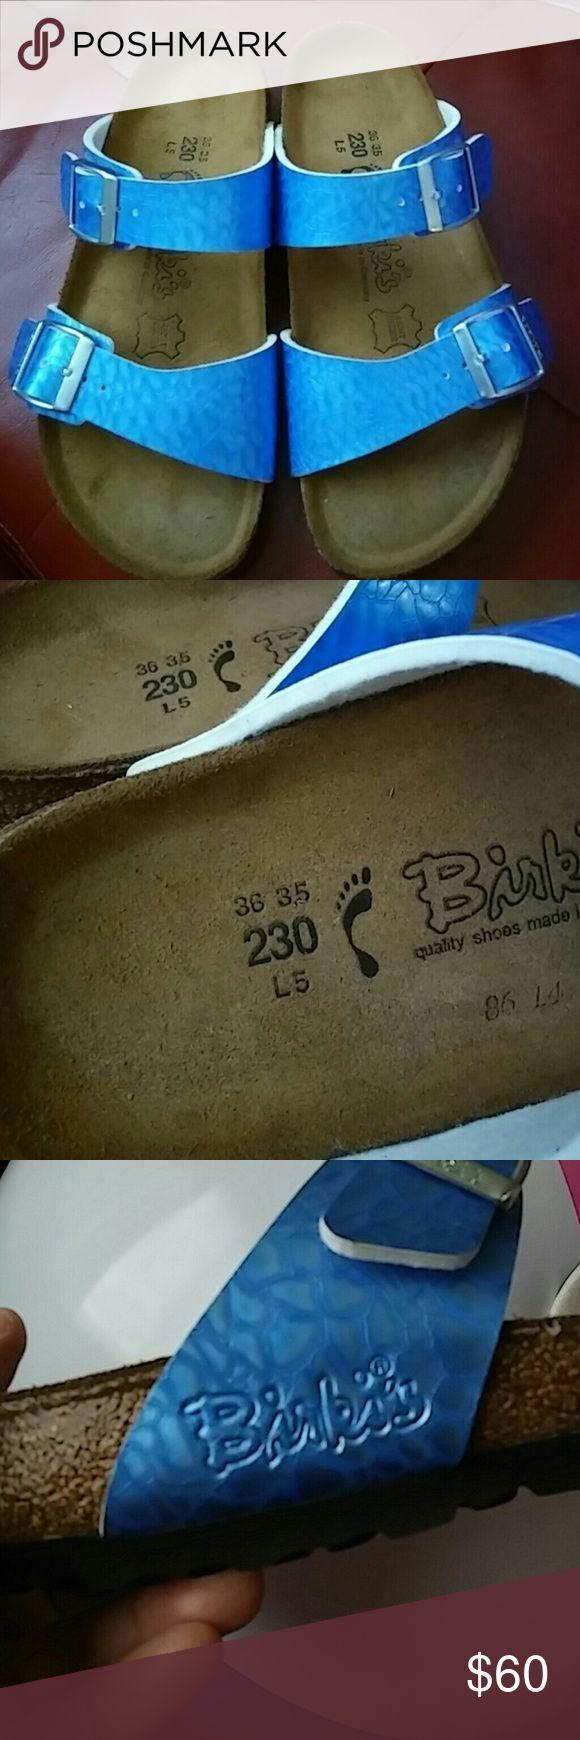 Birkenstock Sandals Usen once inside the house.EUC Birkenstock Betula Sandals Birkenstock Shoes Sandals